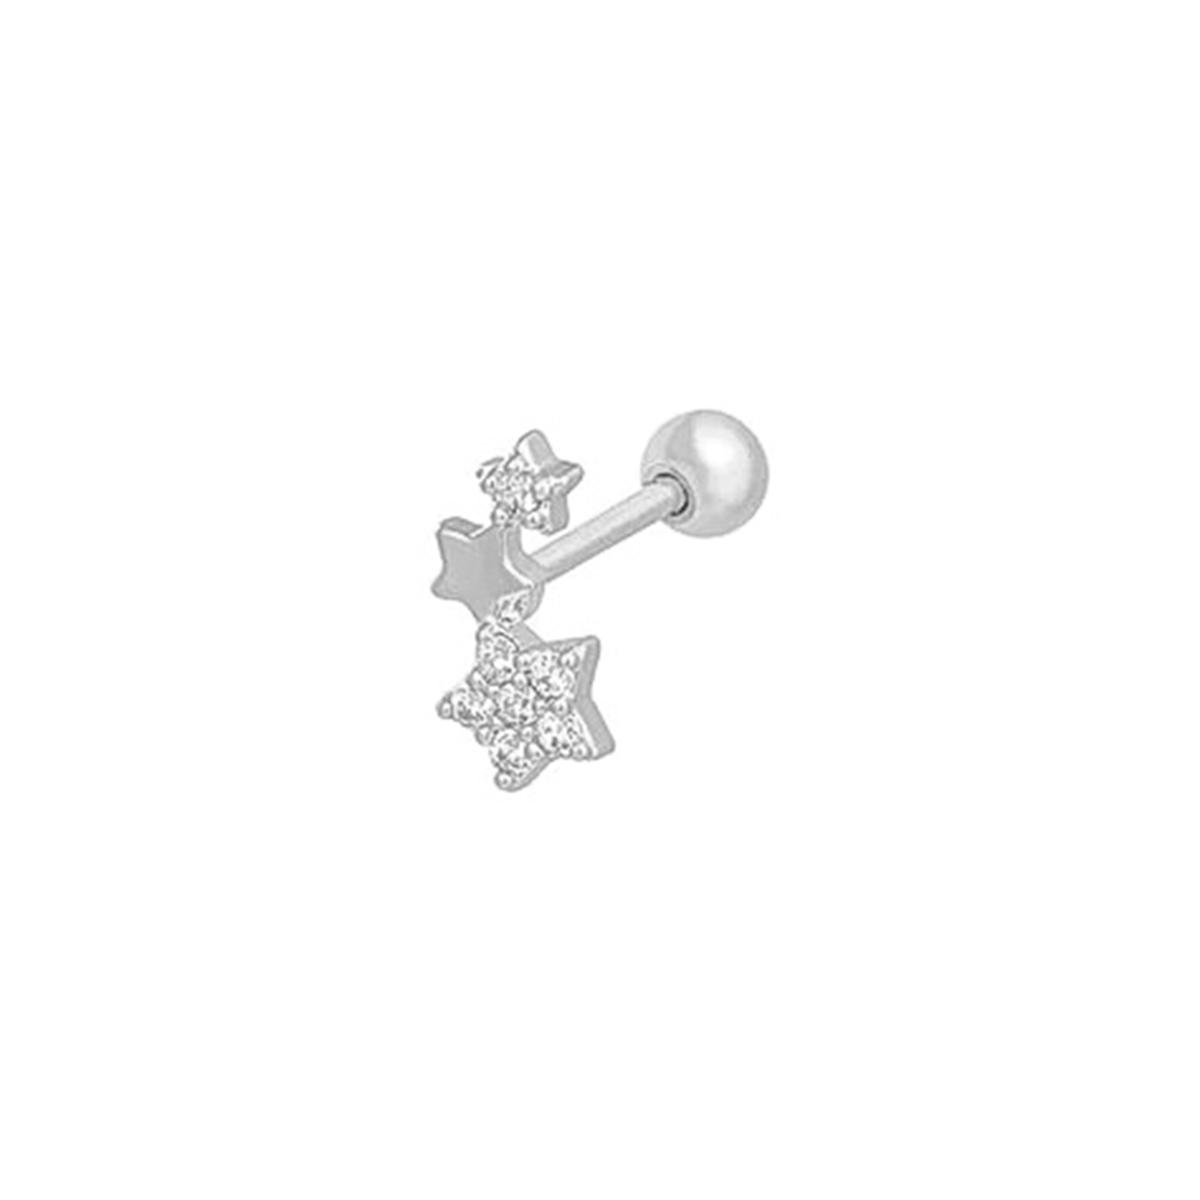 Piercing Três Estrelas Com Zircônias Helix e Tragus - Prata